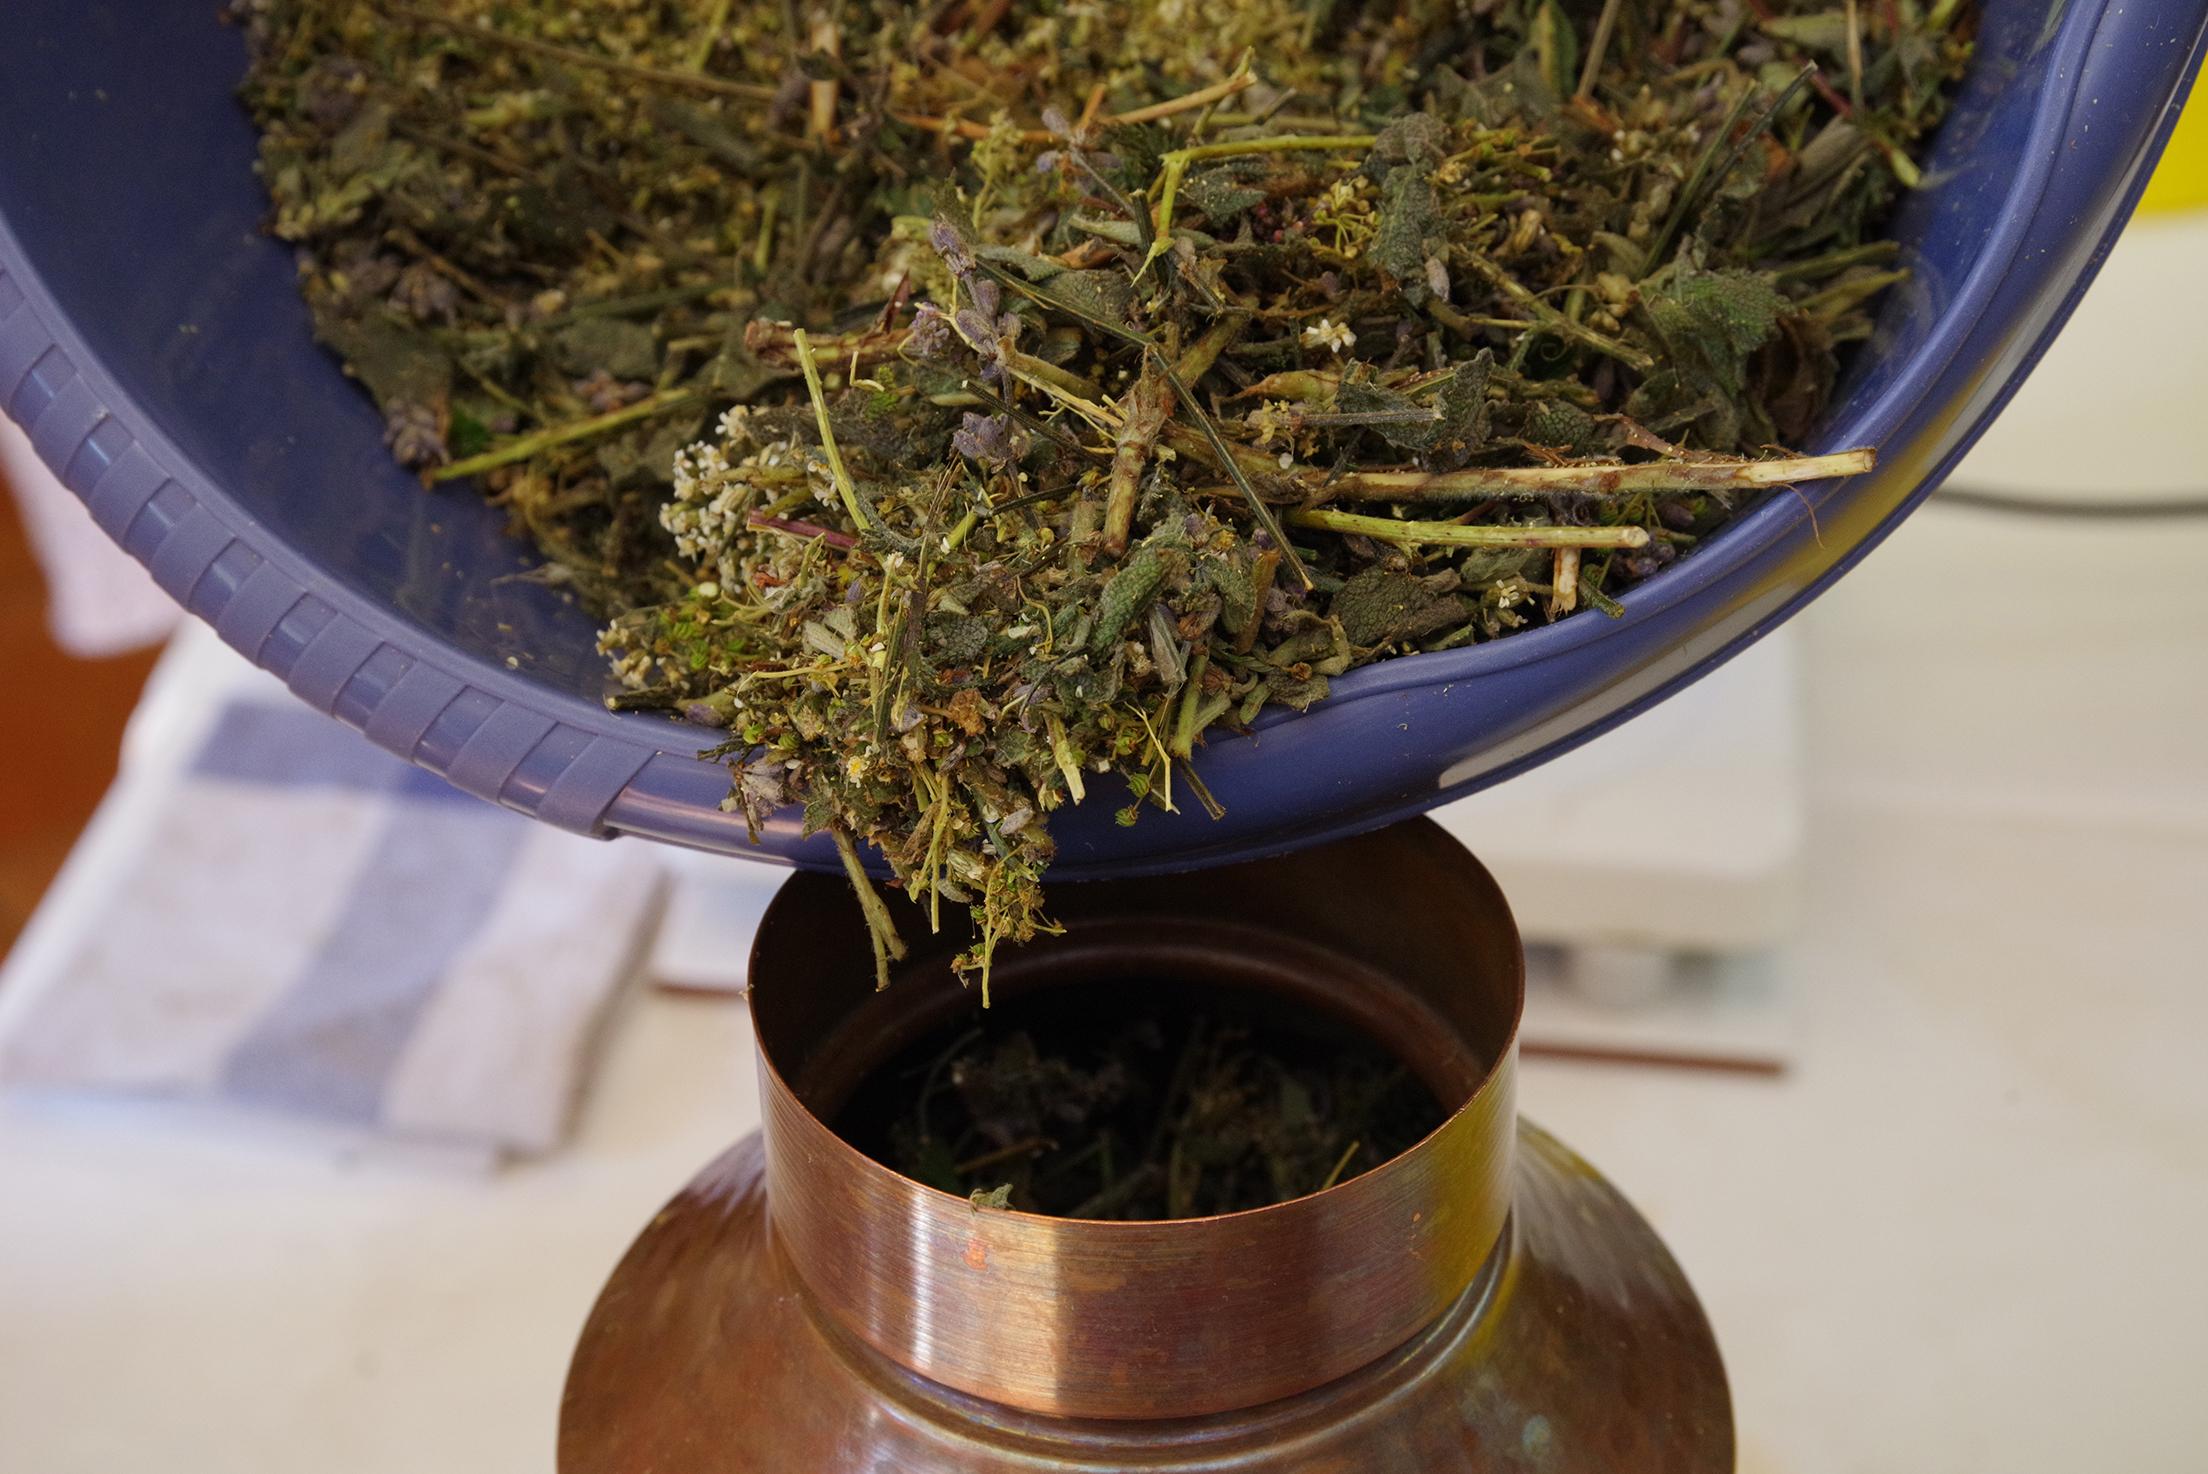 In der Destille Leonardo haben wir folgende Pflanzen destilliert: Mädesüß, Dost, Salbei, Schafgarbe und Lavendel.